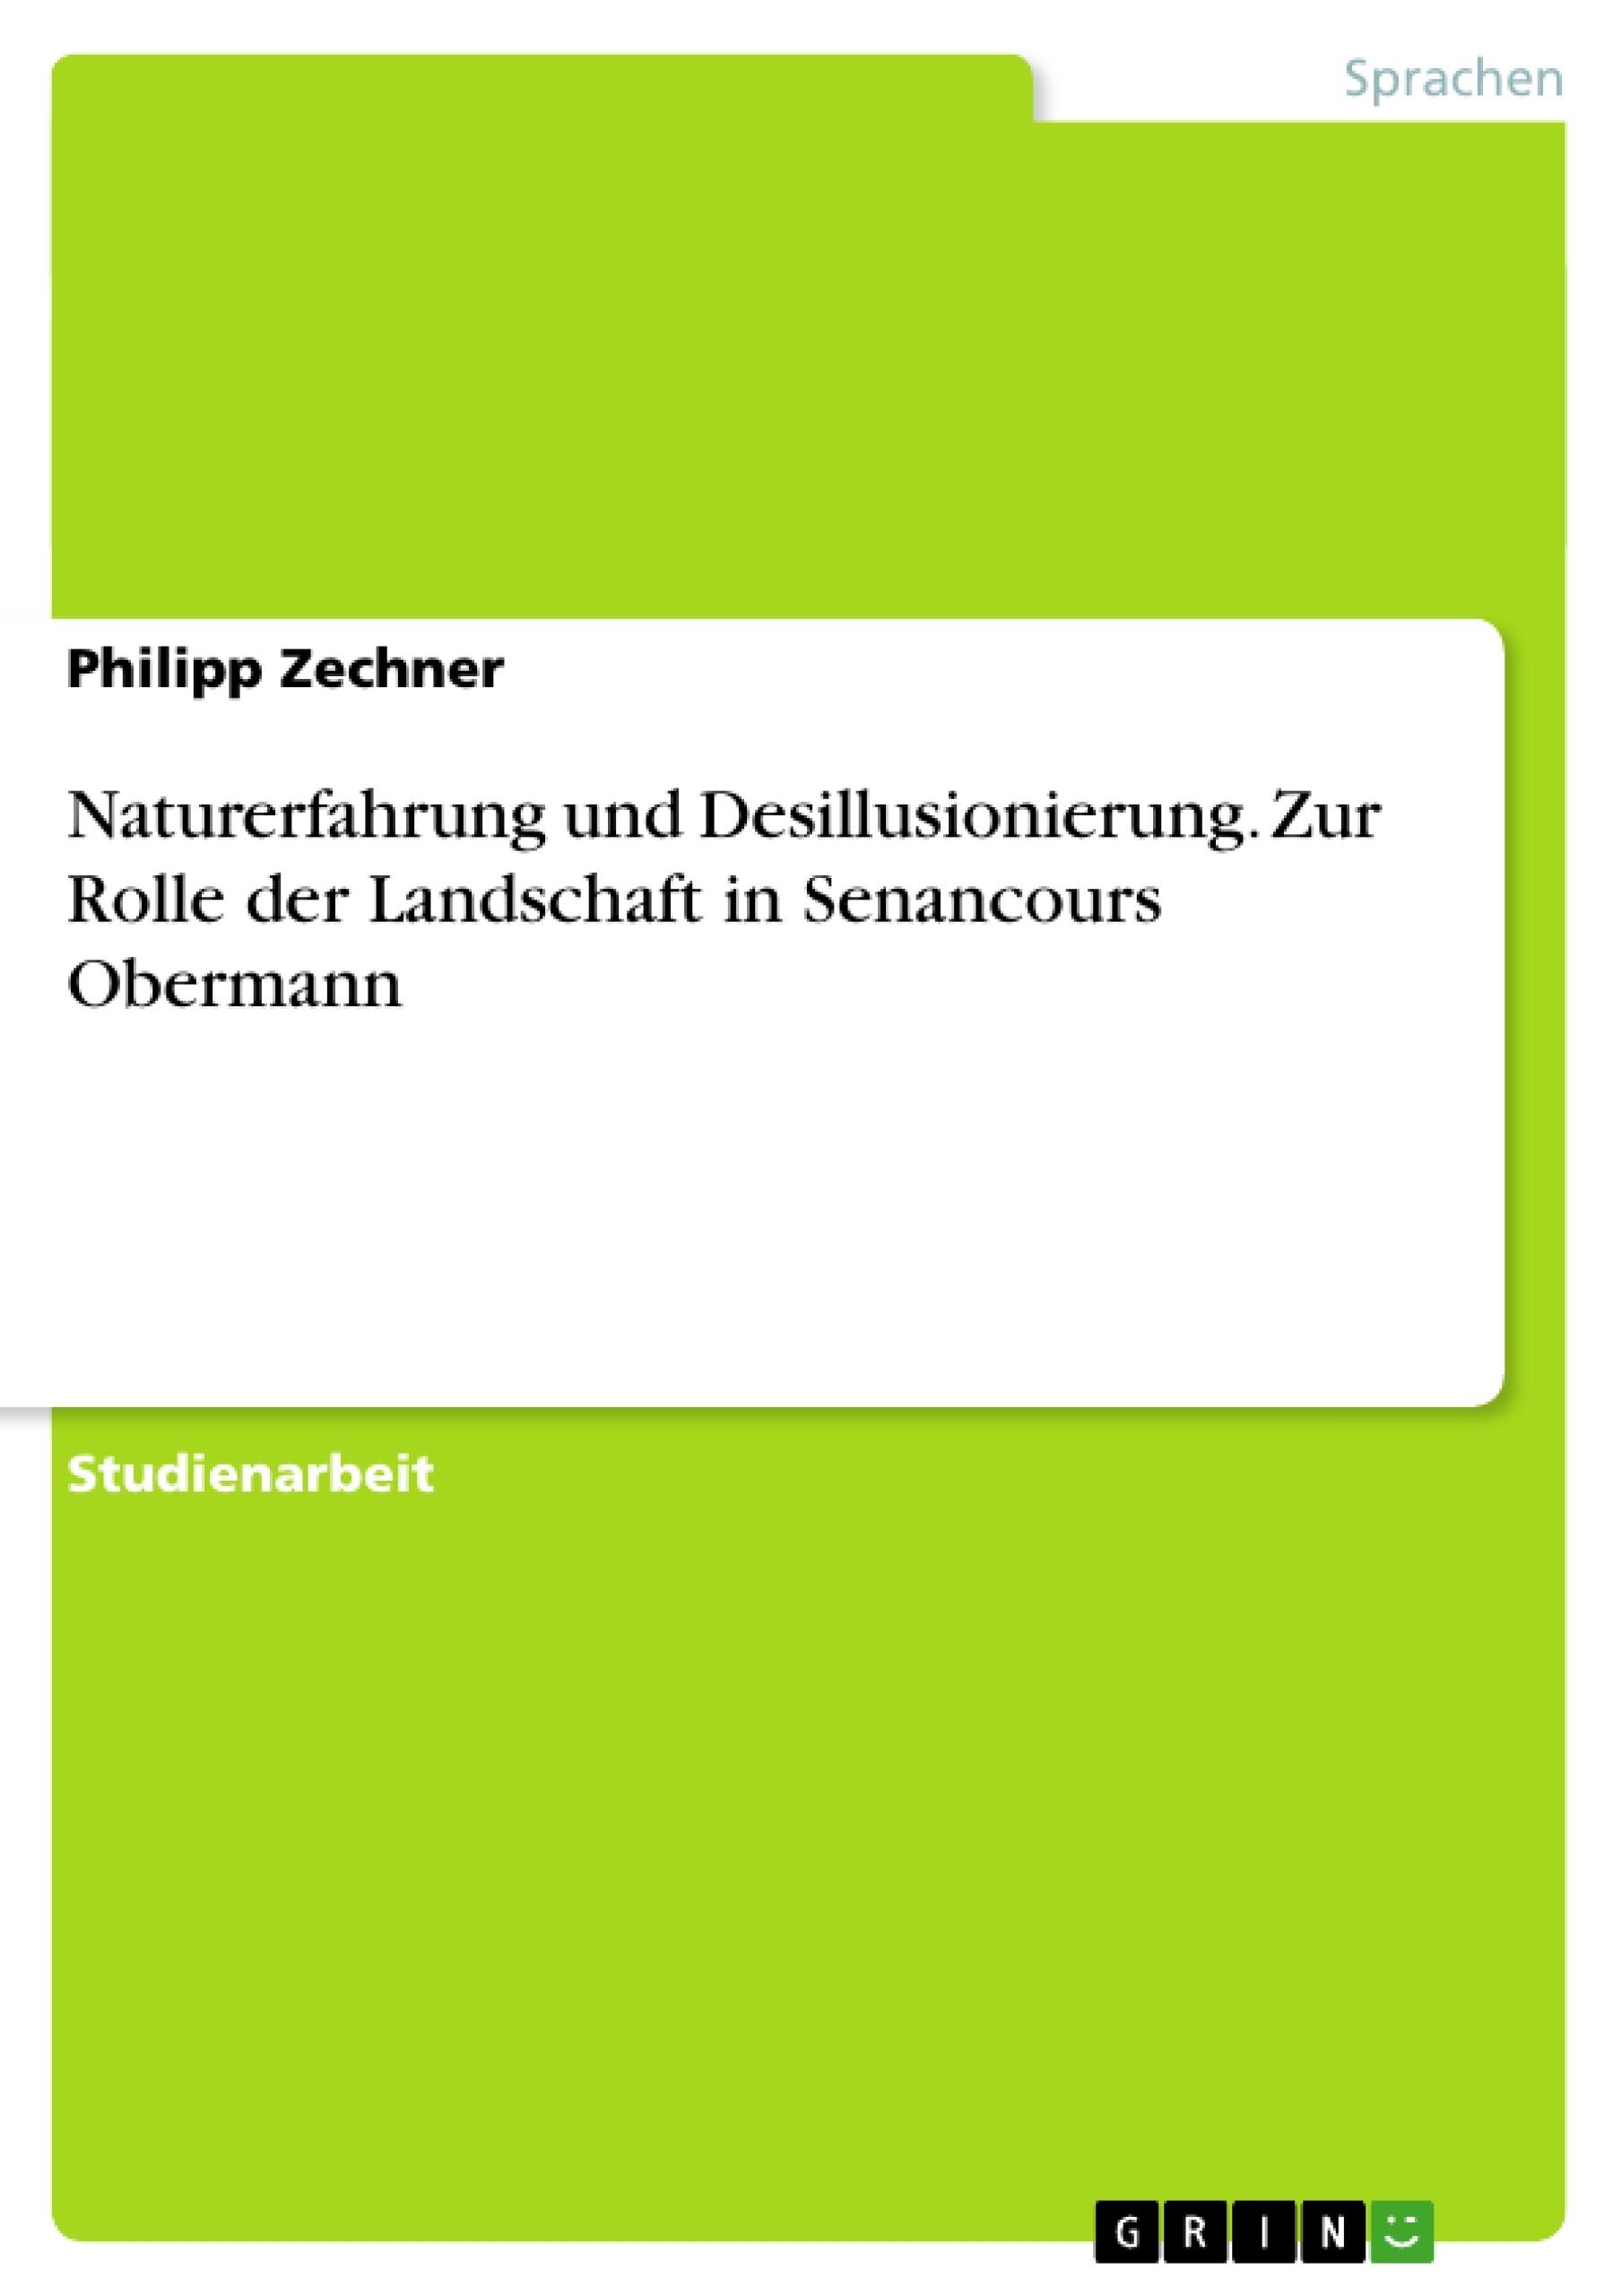 Titel: Naturerfahrung und Desillusionierung. Zur Rolle der Landschaft in Senancours Obermann